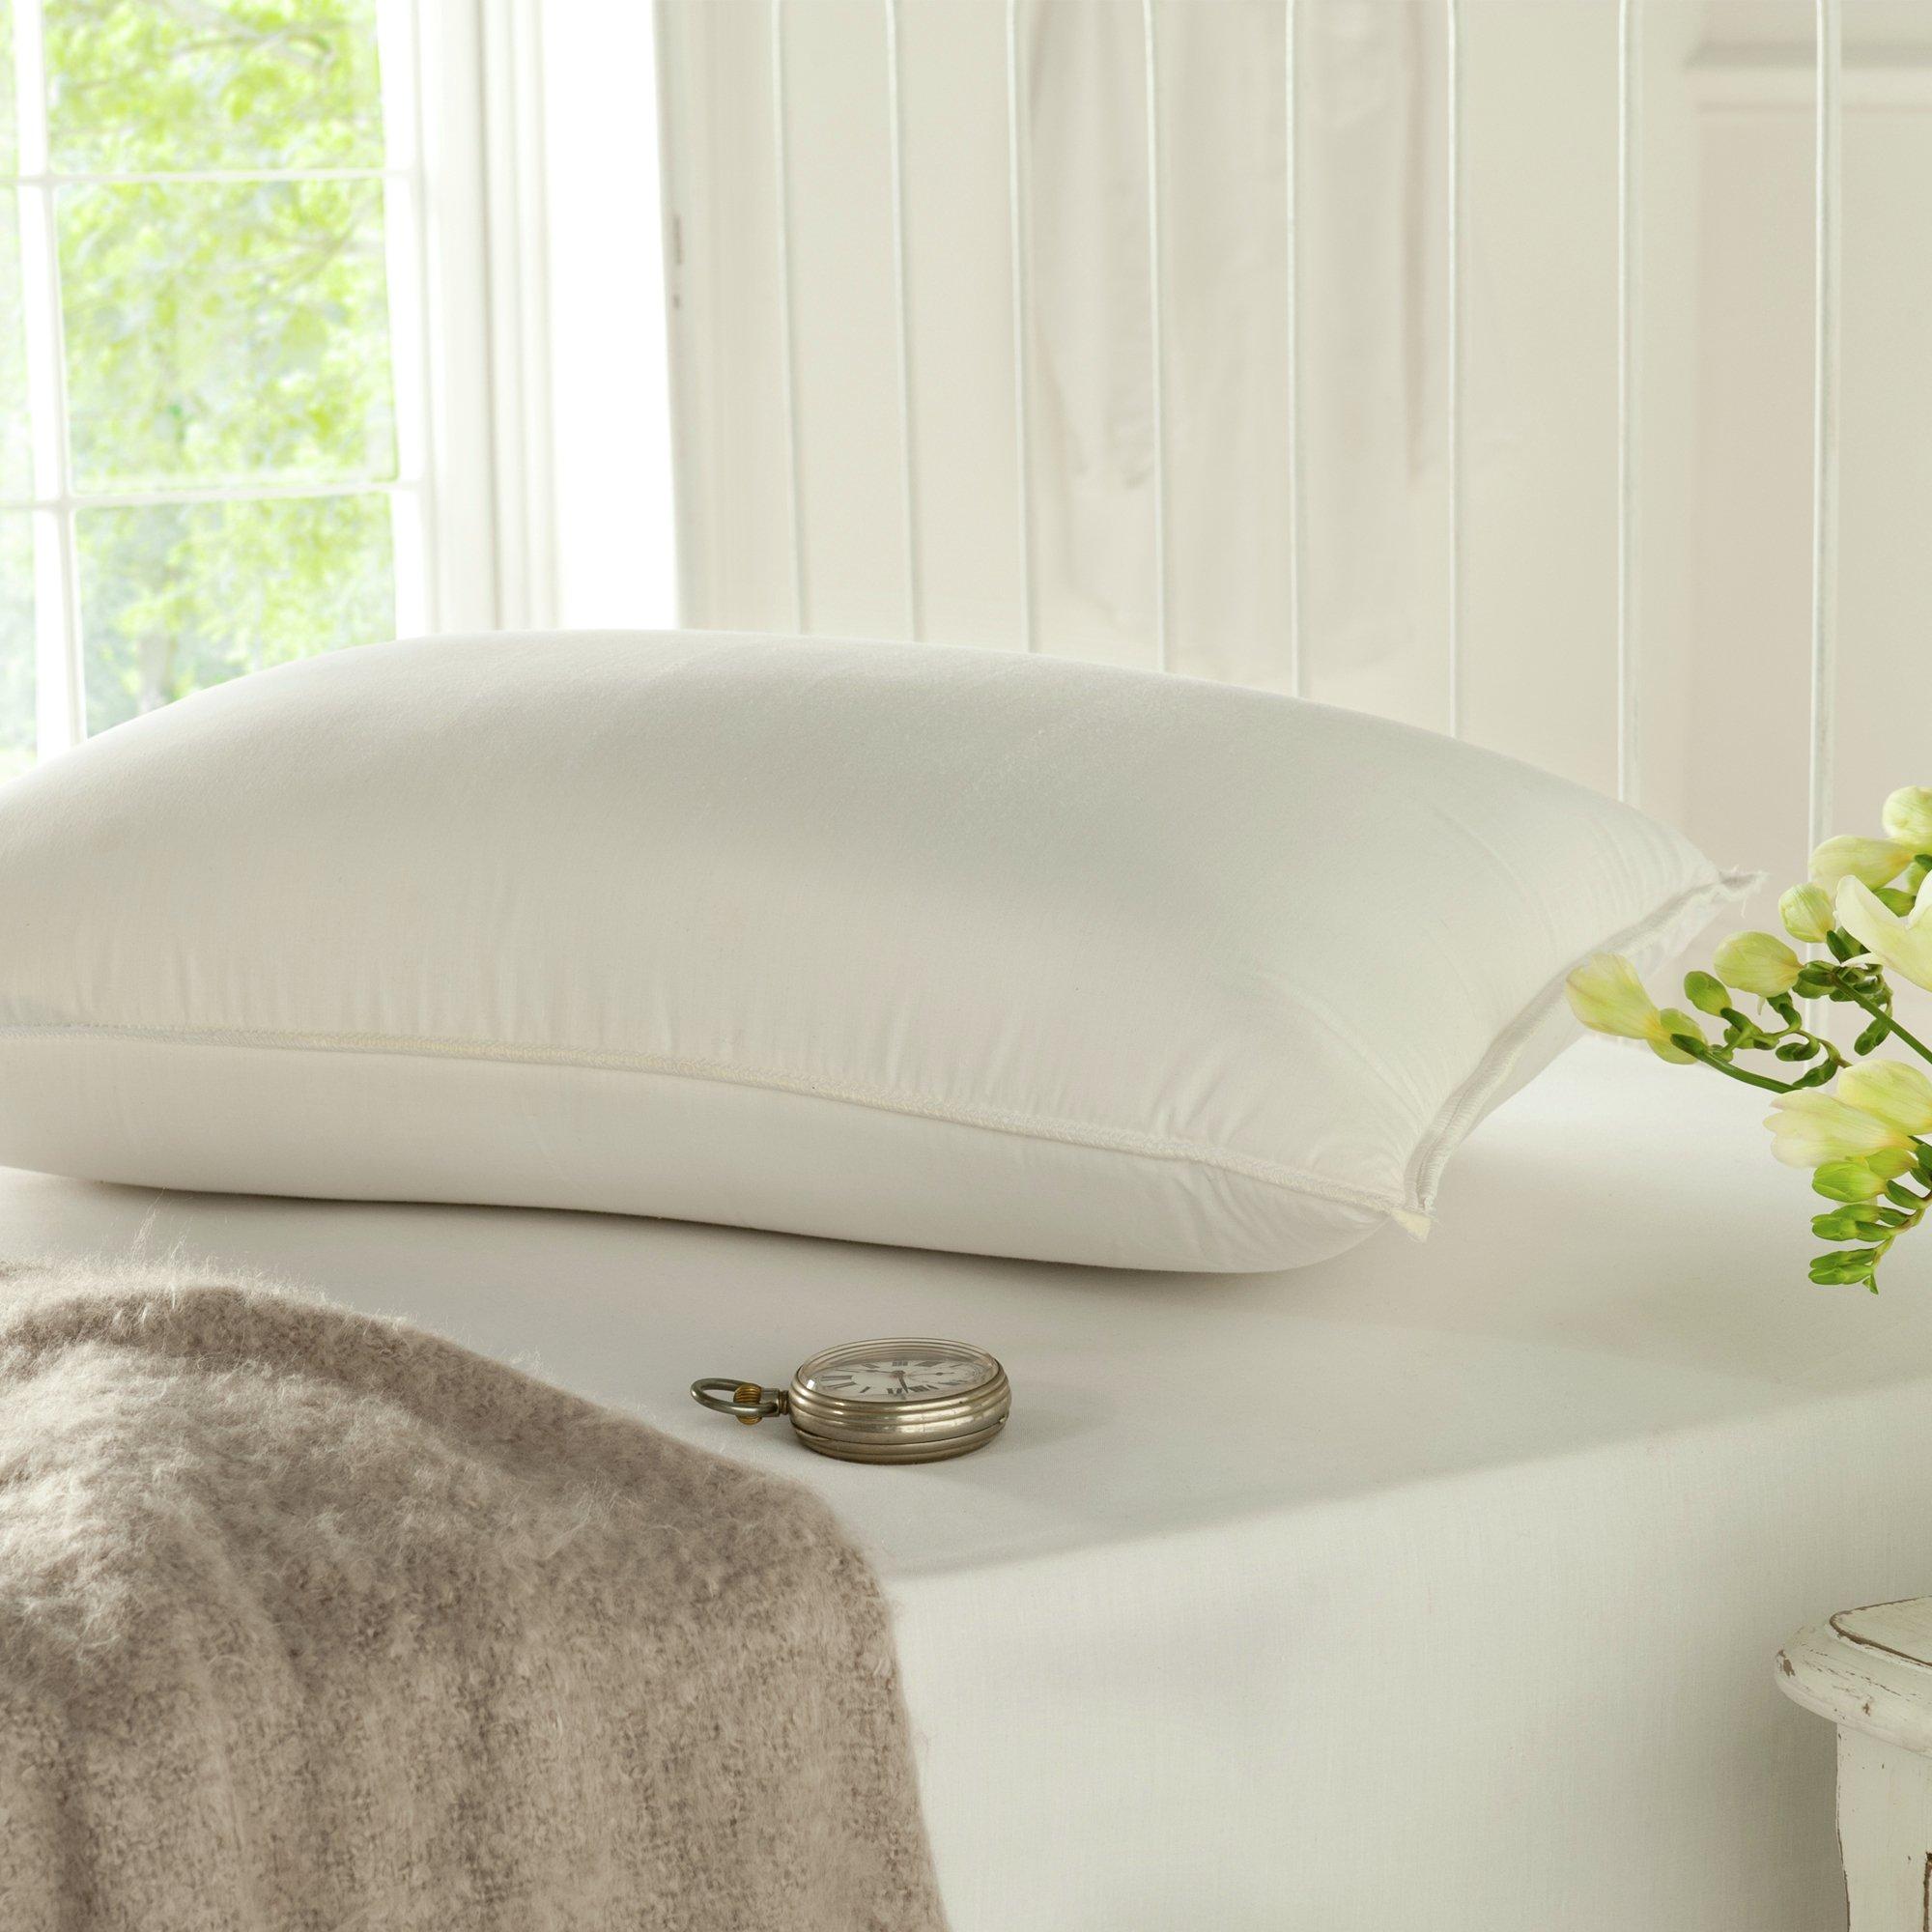 Buy Silentnight Soft Touch Memory Foam Pillow at Argoscouk